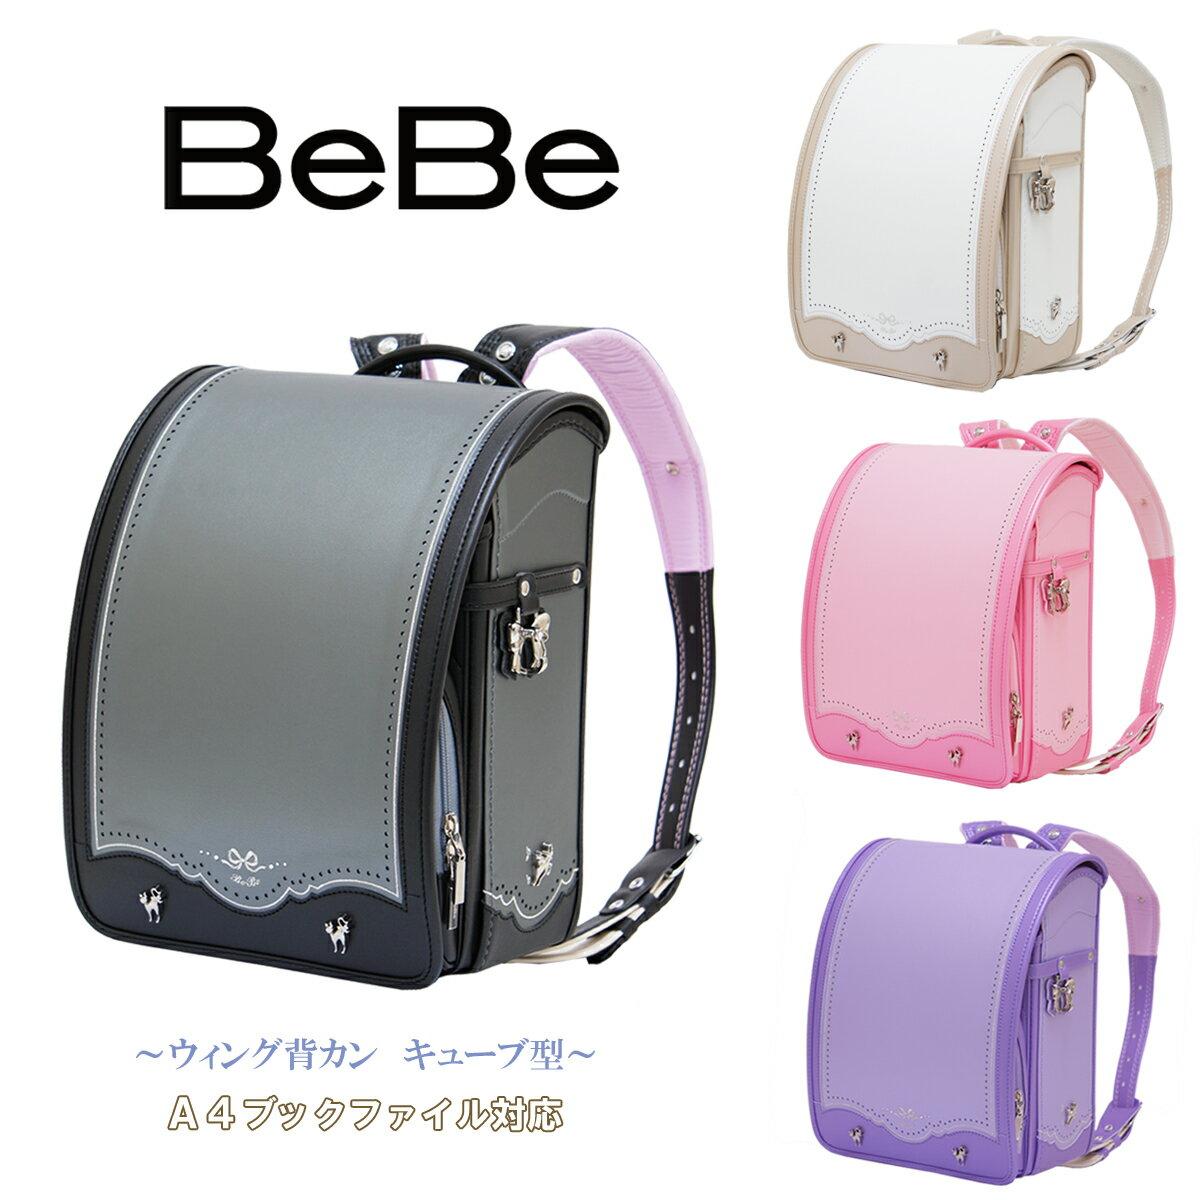 2020年度 ランドセル 女の子 ガールズ BeBe ベベ シャノワールグラン キューブ型(wide) ウイング背カン 百貨店モデル 人工皮革 ガールズ 0112-0407 MADE IN JAPAN(日本製) ピンク